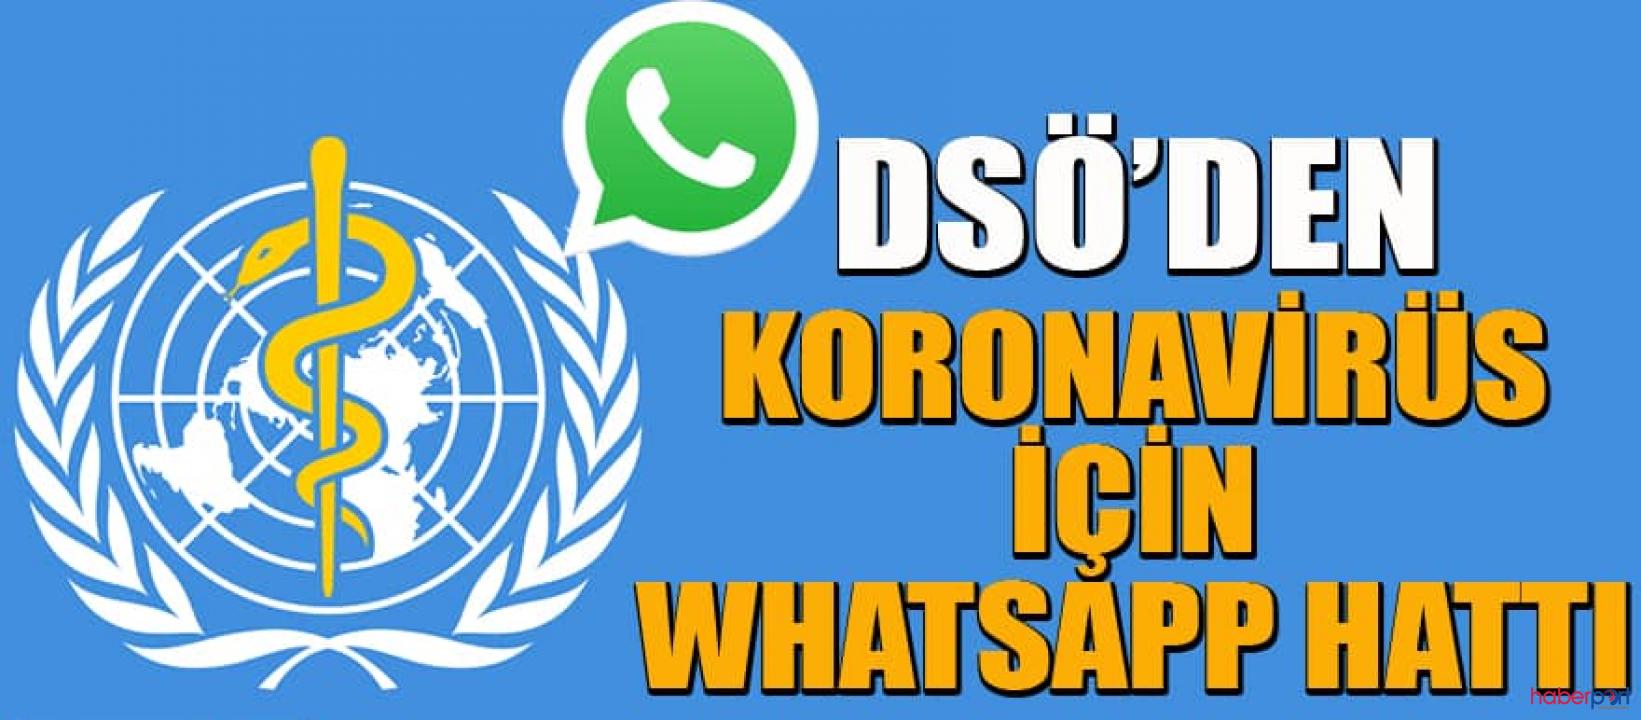 Dünya Sağlık Örgütü öncülüğünde koronavirüs WhatsApp hattı kuruldu